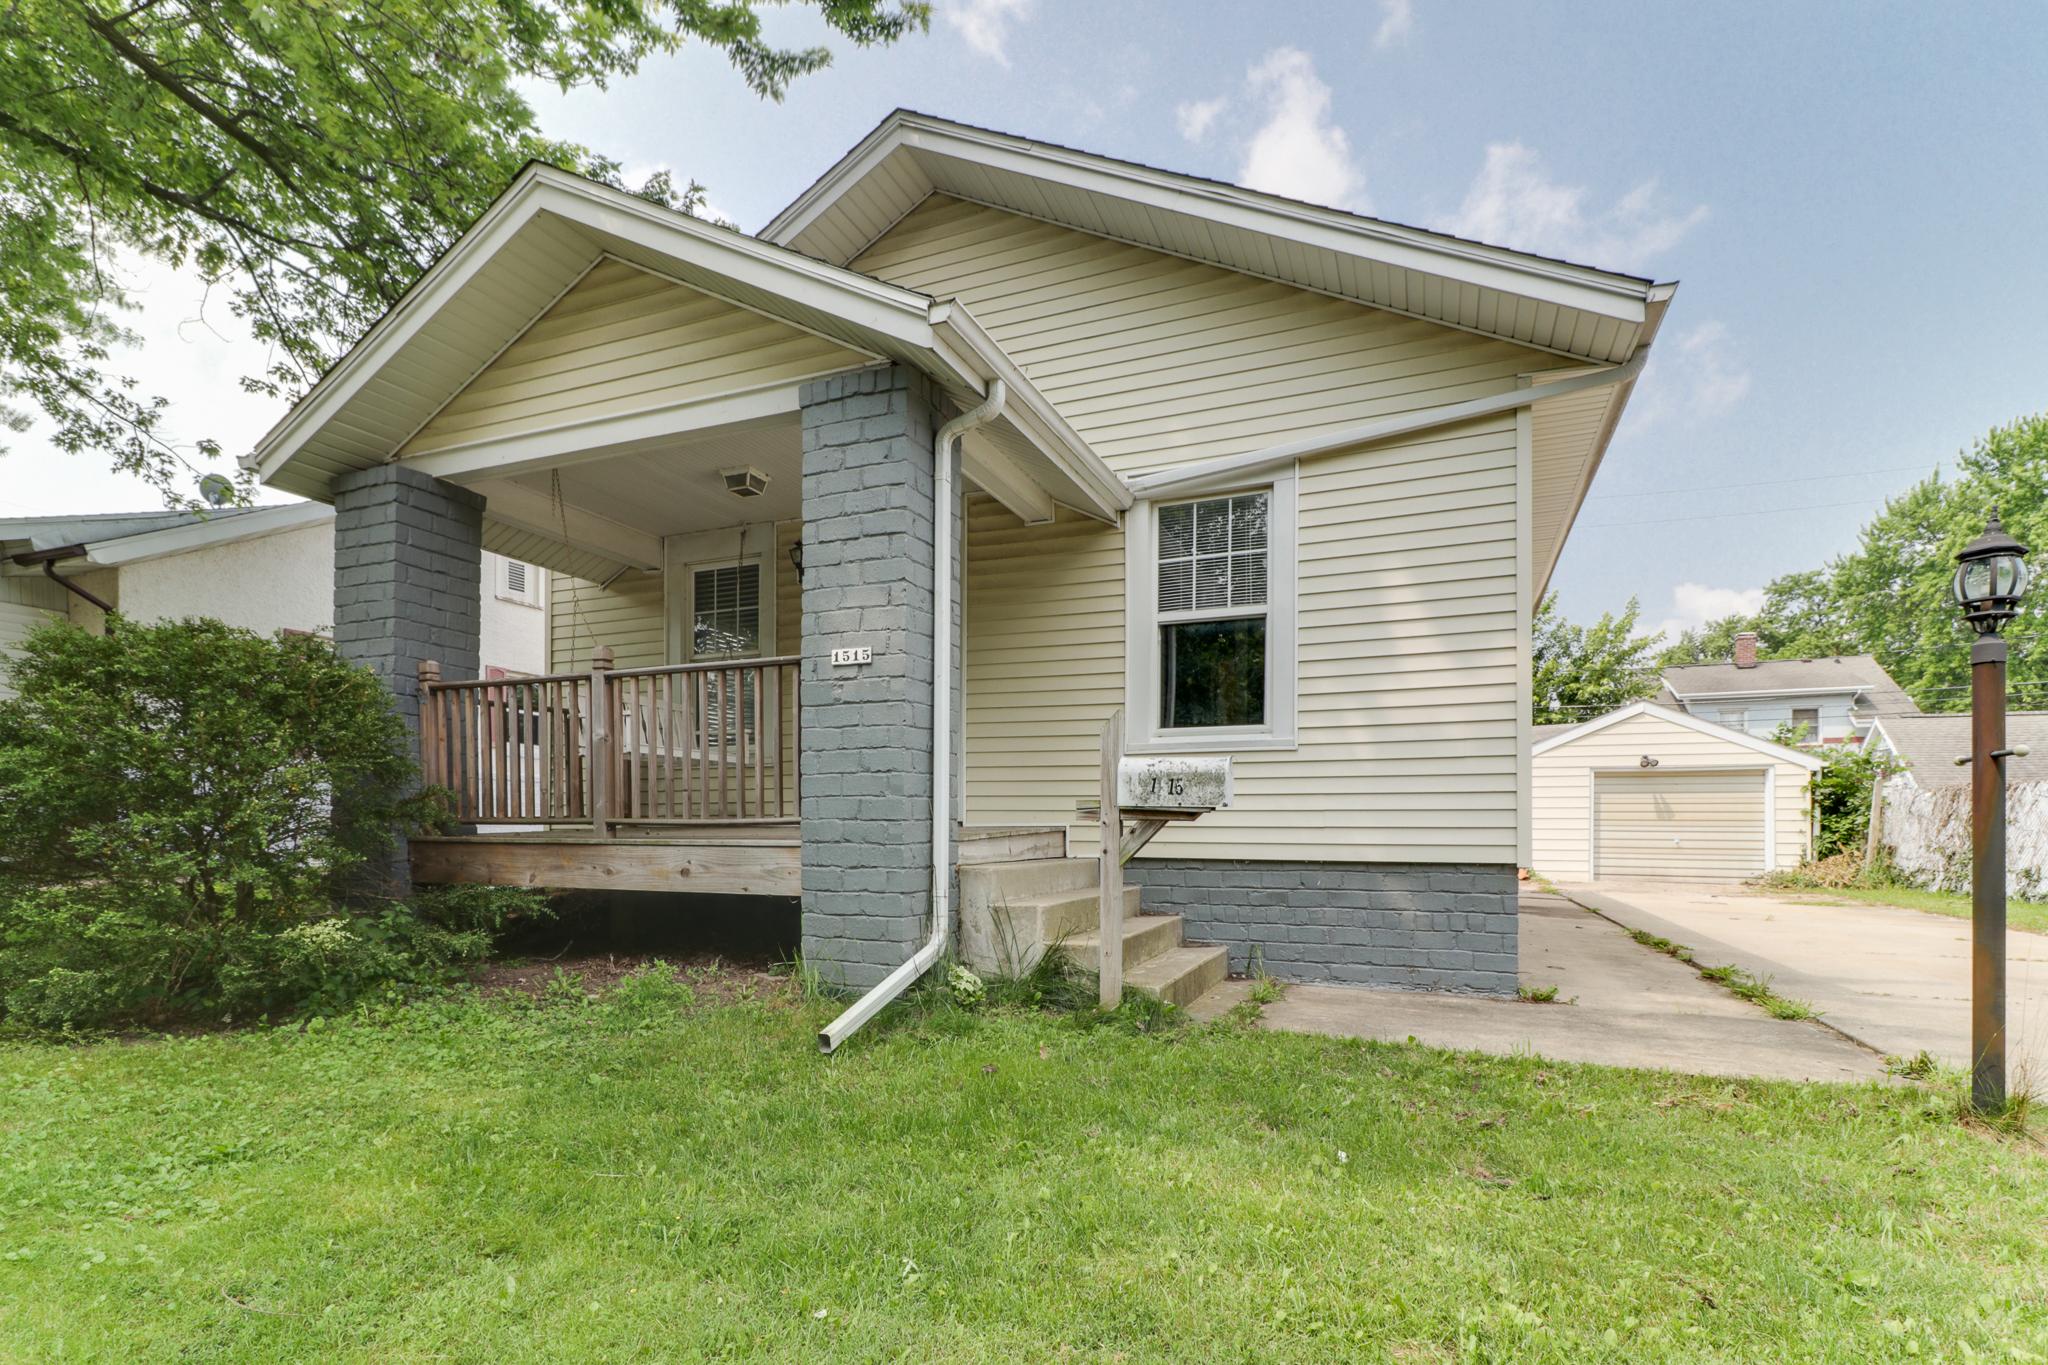 1515 Wilson St, Bloomington, IL 61701 – SOLD!